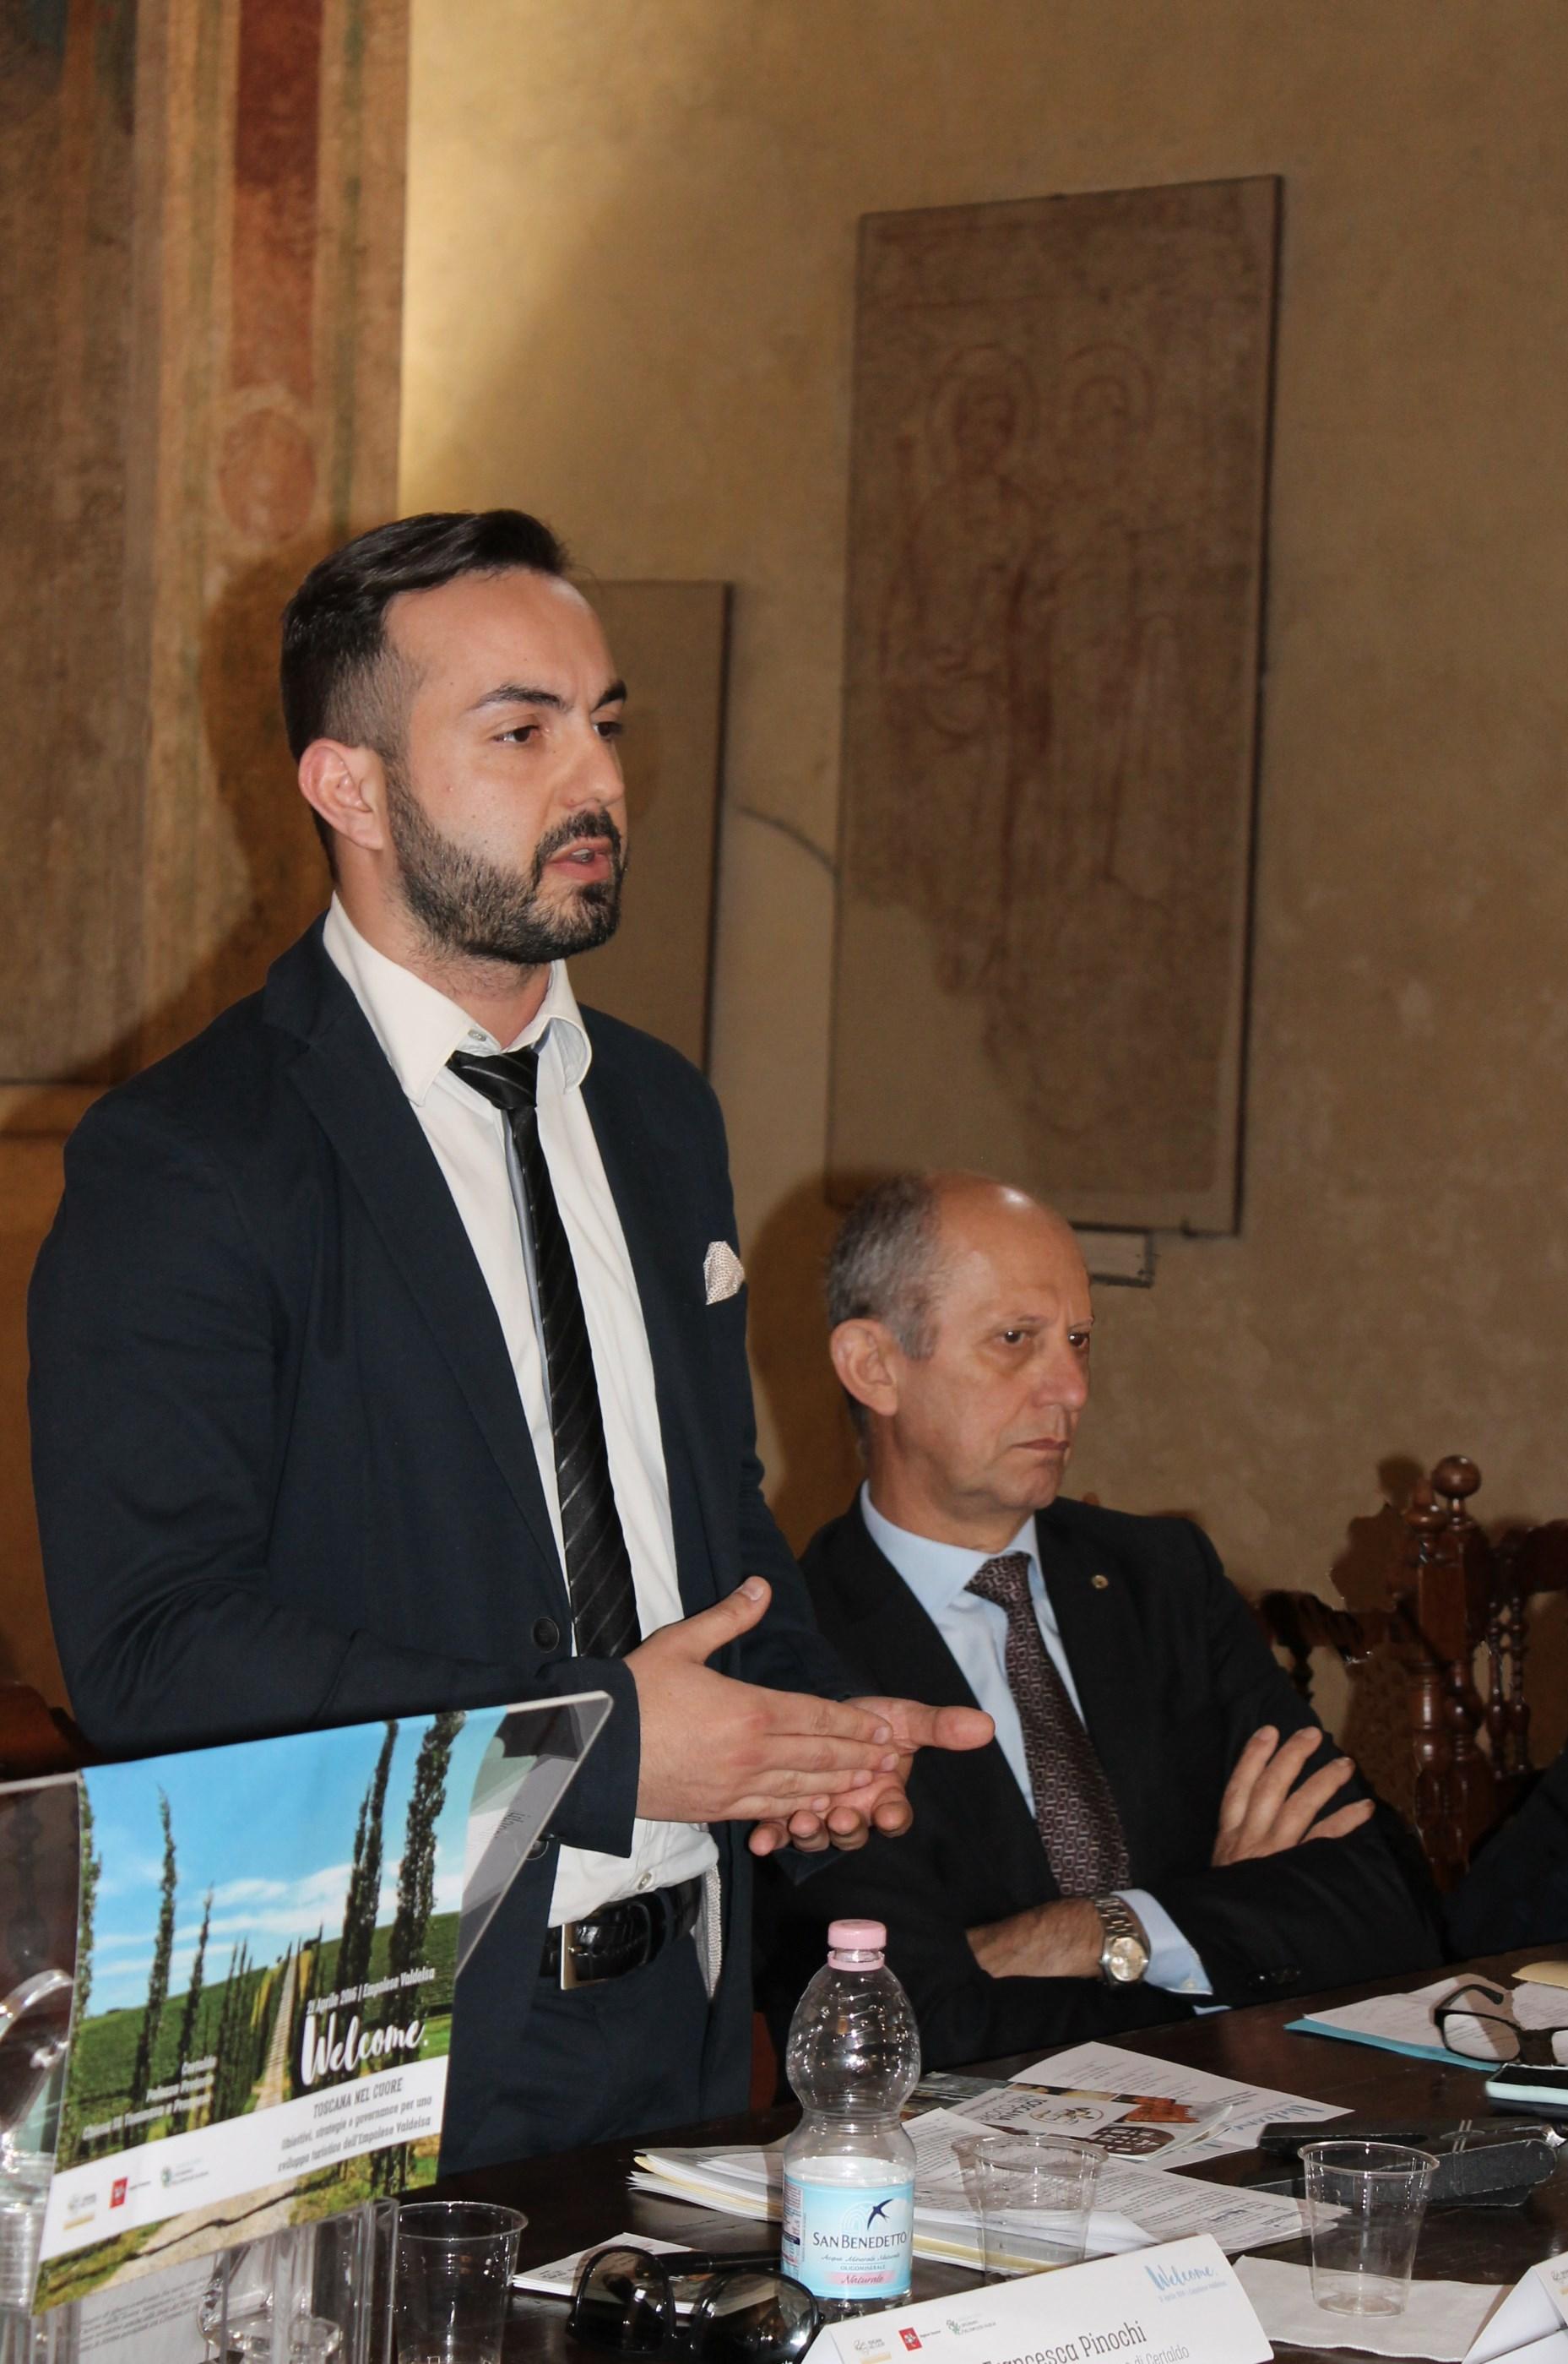 Giacomo Cucini con l'assessore regionale al turismo Stefano Ciuoffo a Certaldo nel 2016 per Welcome - foto IMG